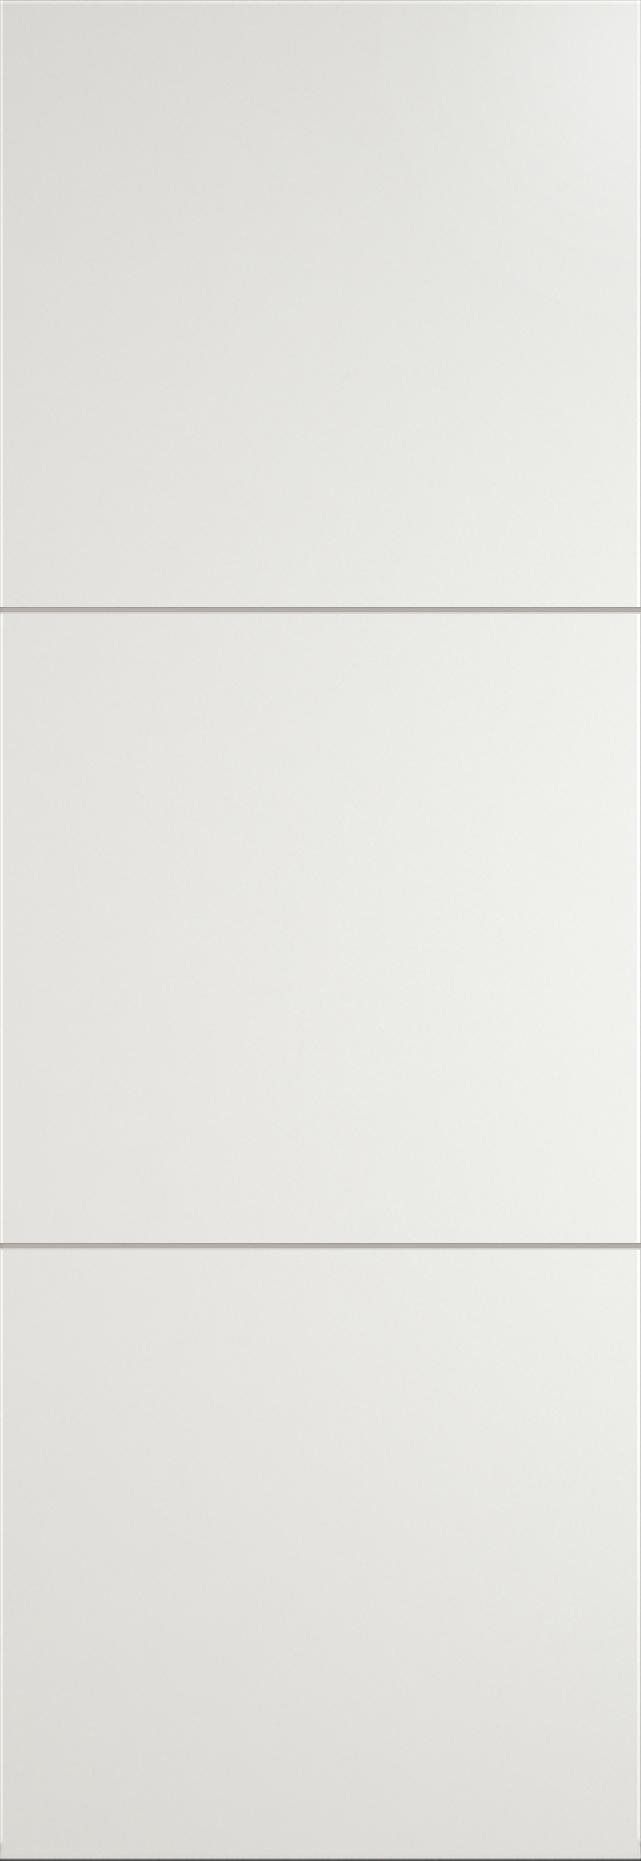 Tivoli В-2 Invisible цвет - Бежевая эмаль Без стекла (ДГ)